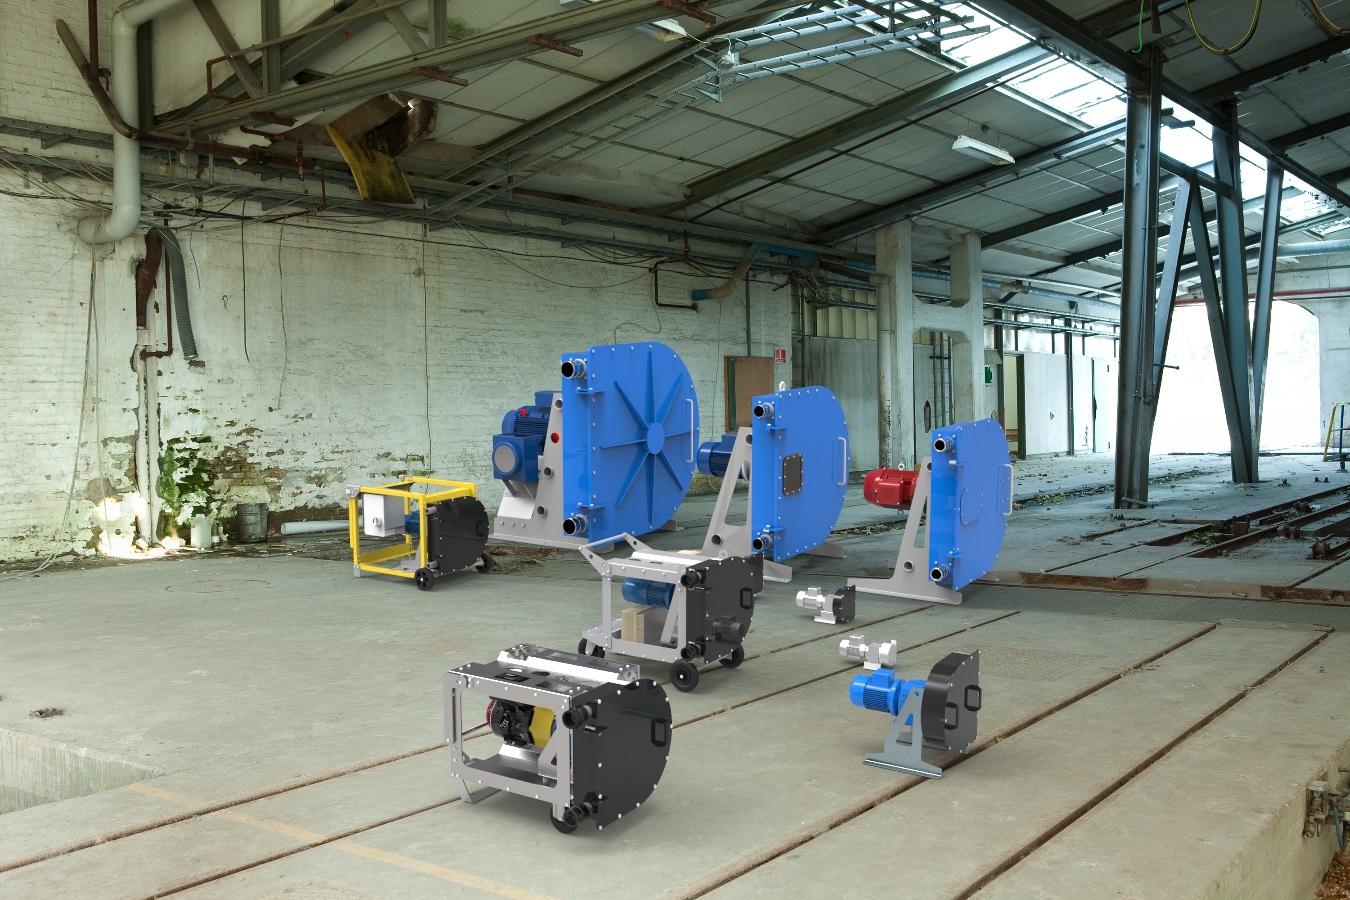 motopompe ed elettropompe peristaltiche hose carrier